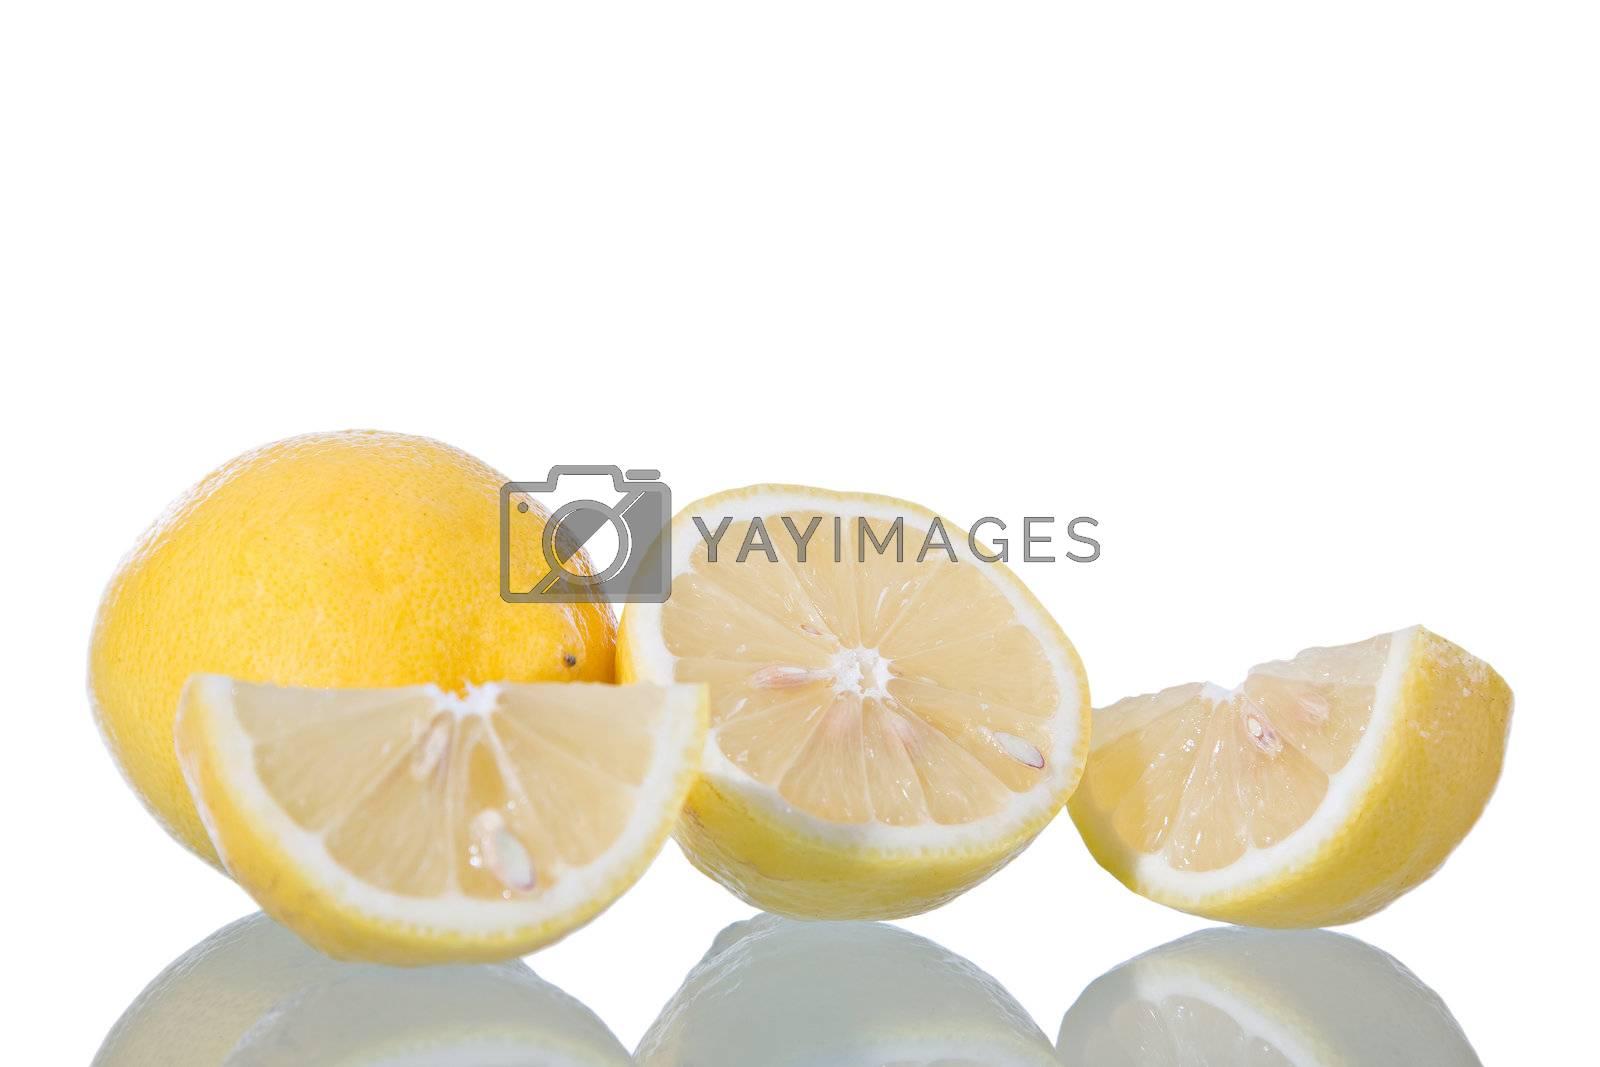 Sliced lemon, isolated on white background with reflection. Studio shot.